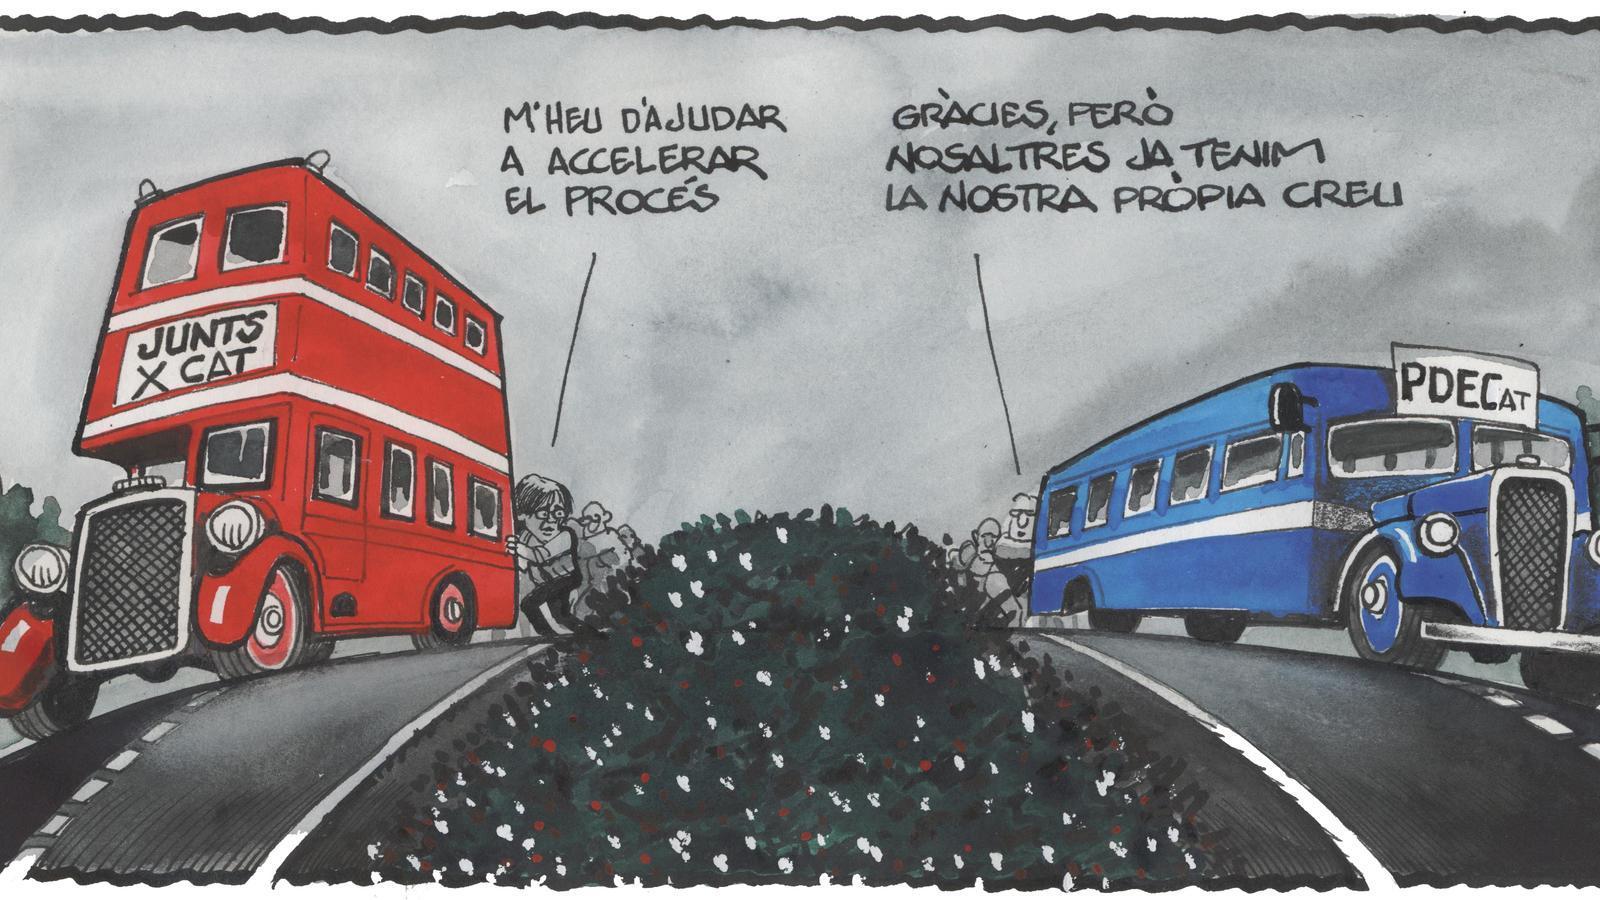 'A la contra', per Ferreres 08/07/2020